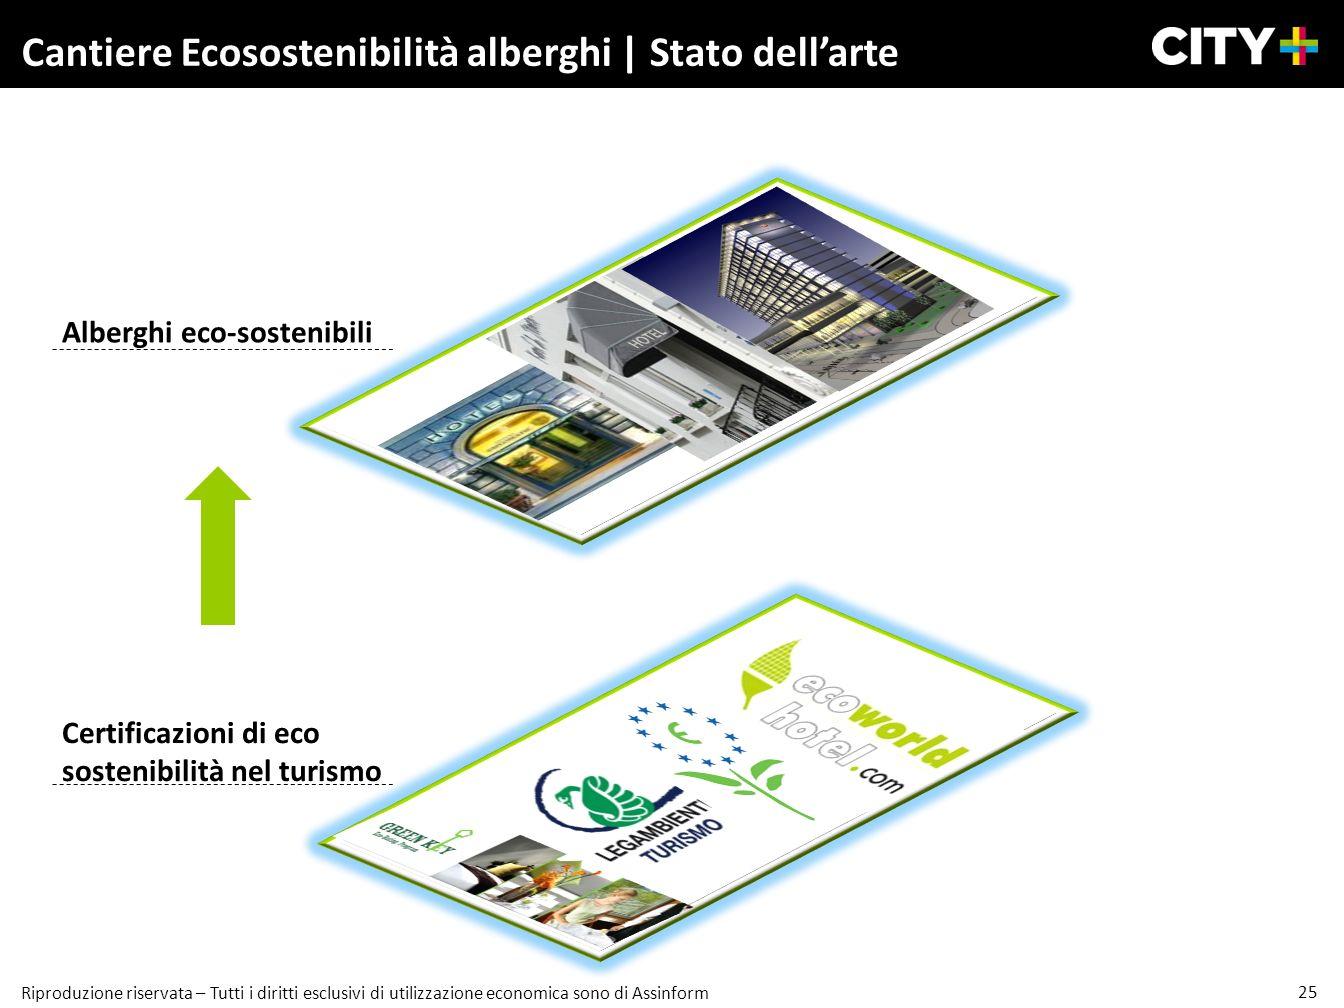 25 Riproduzione riservata – Tutti i diritti esclusivi di utilizzazione economica sono di Assinform Cantiere Ecosostenibilità alberghi | Stato dellarte